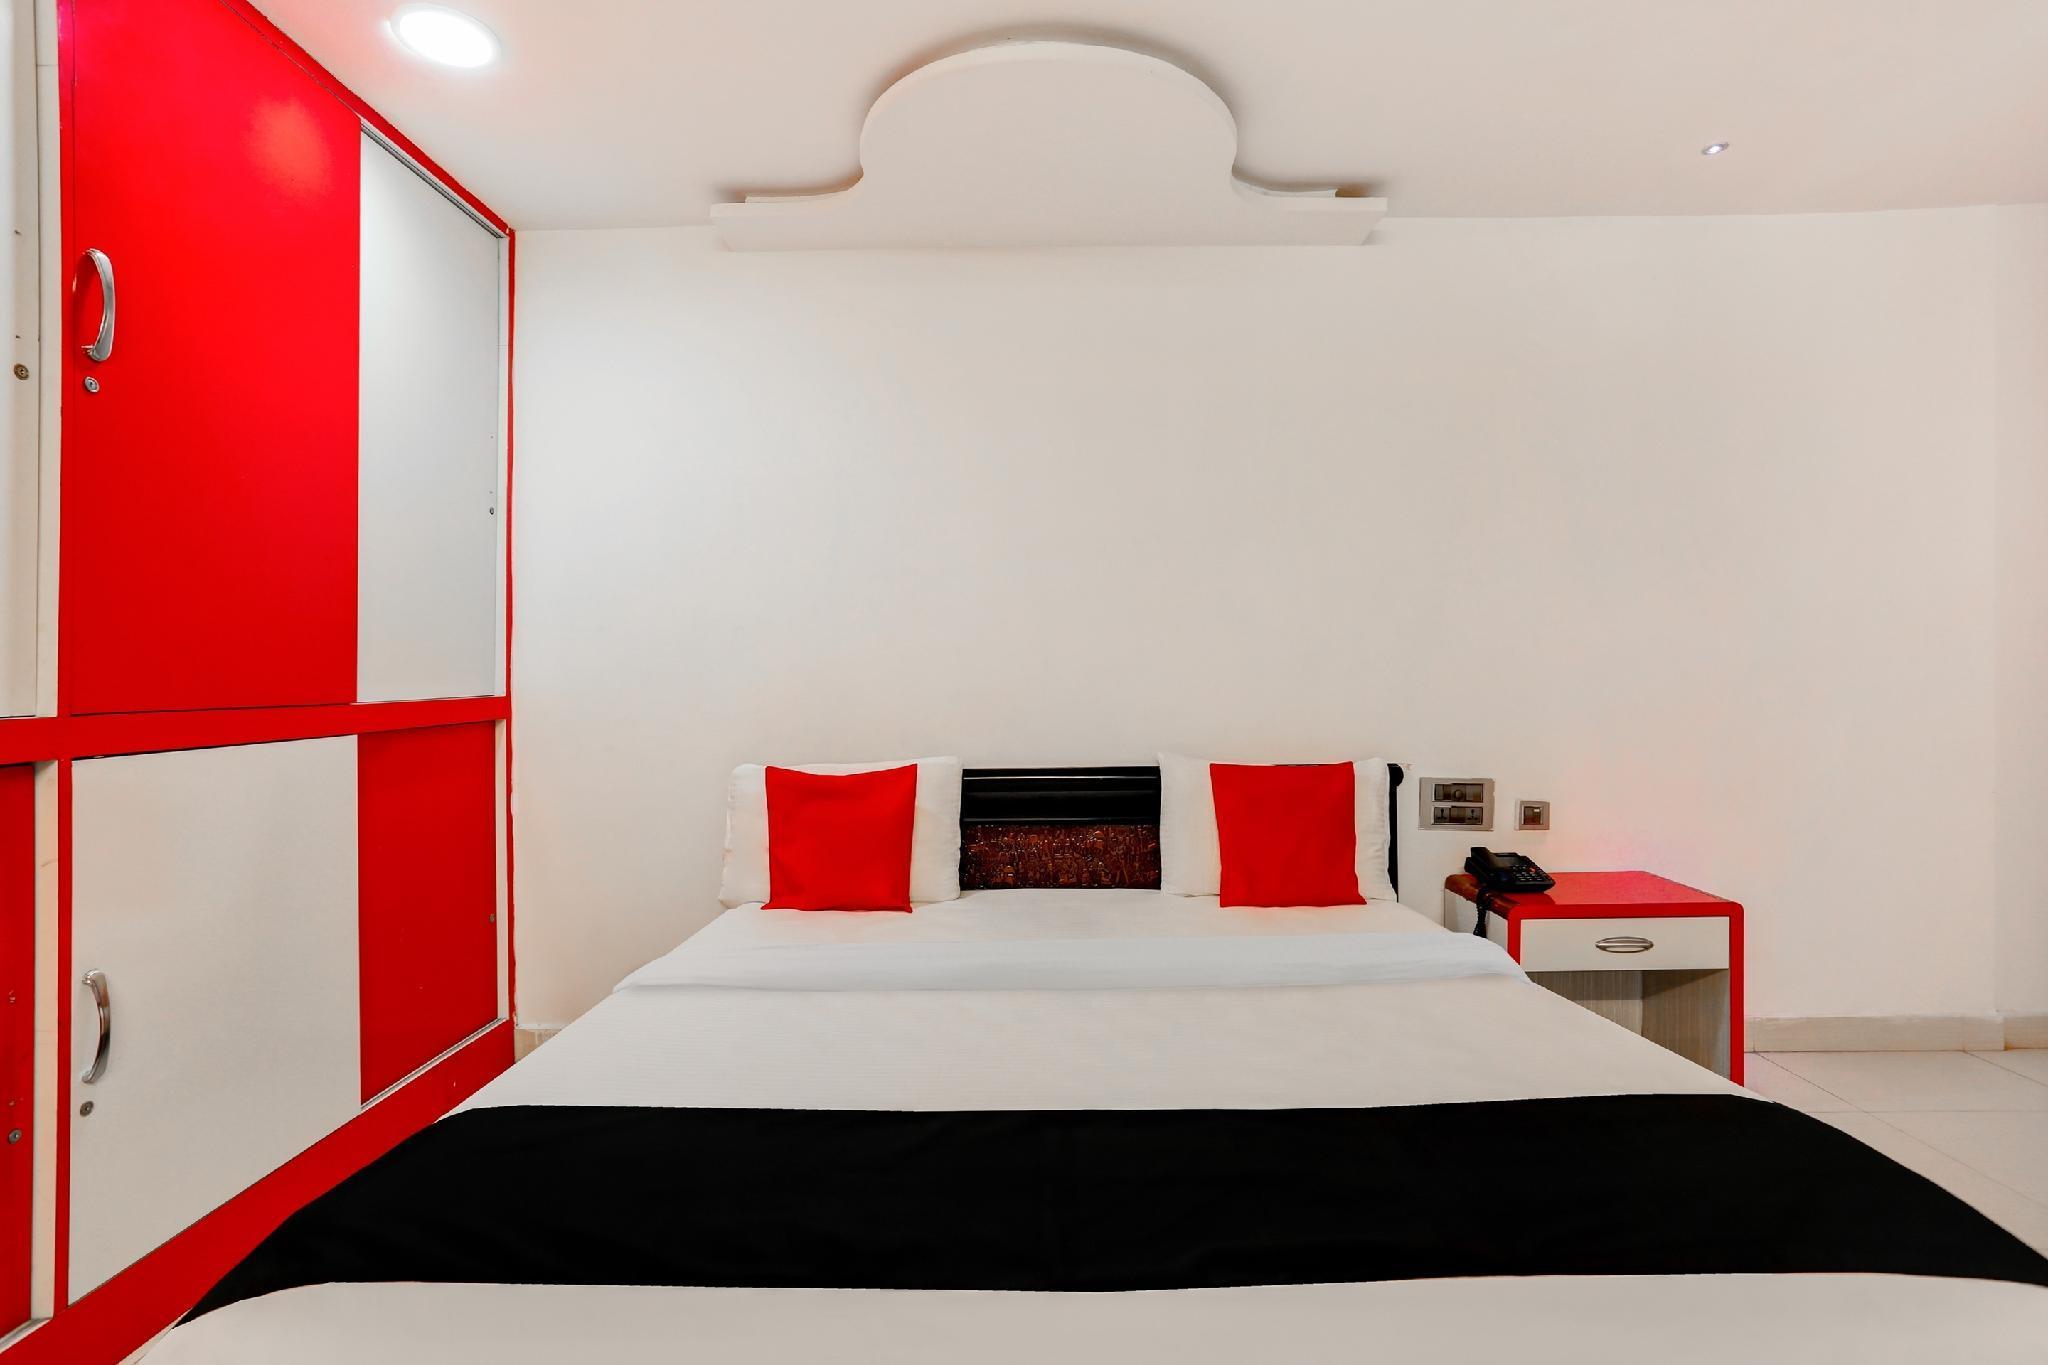 Capital O 986 Hotel Akhand S